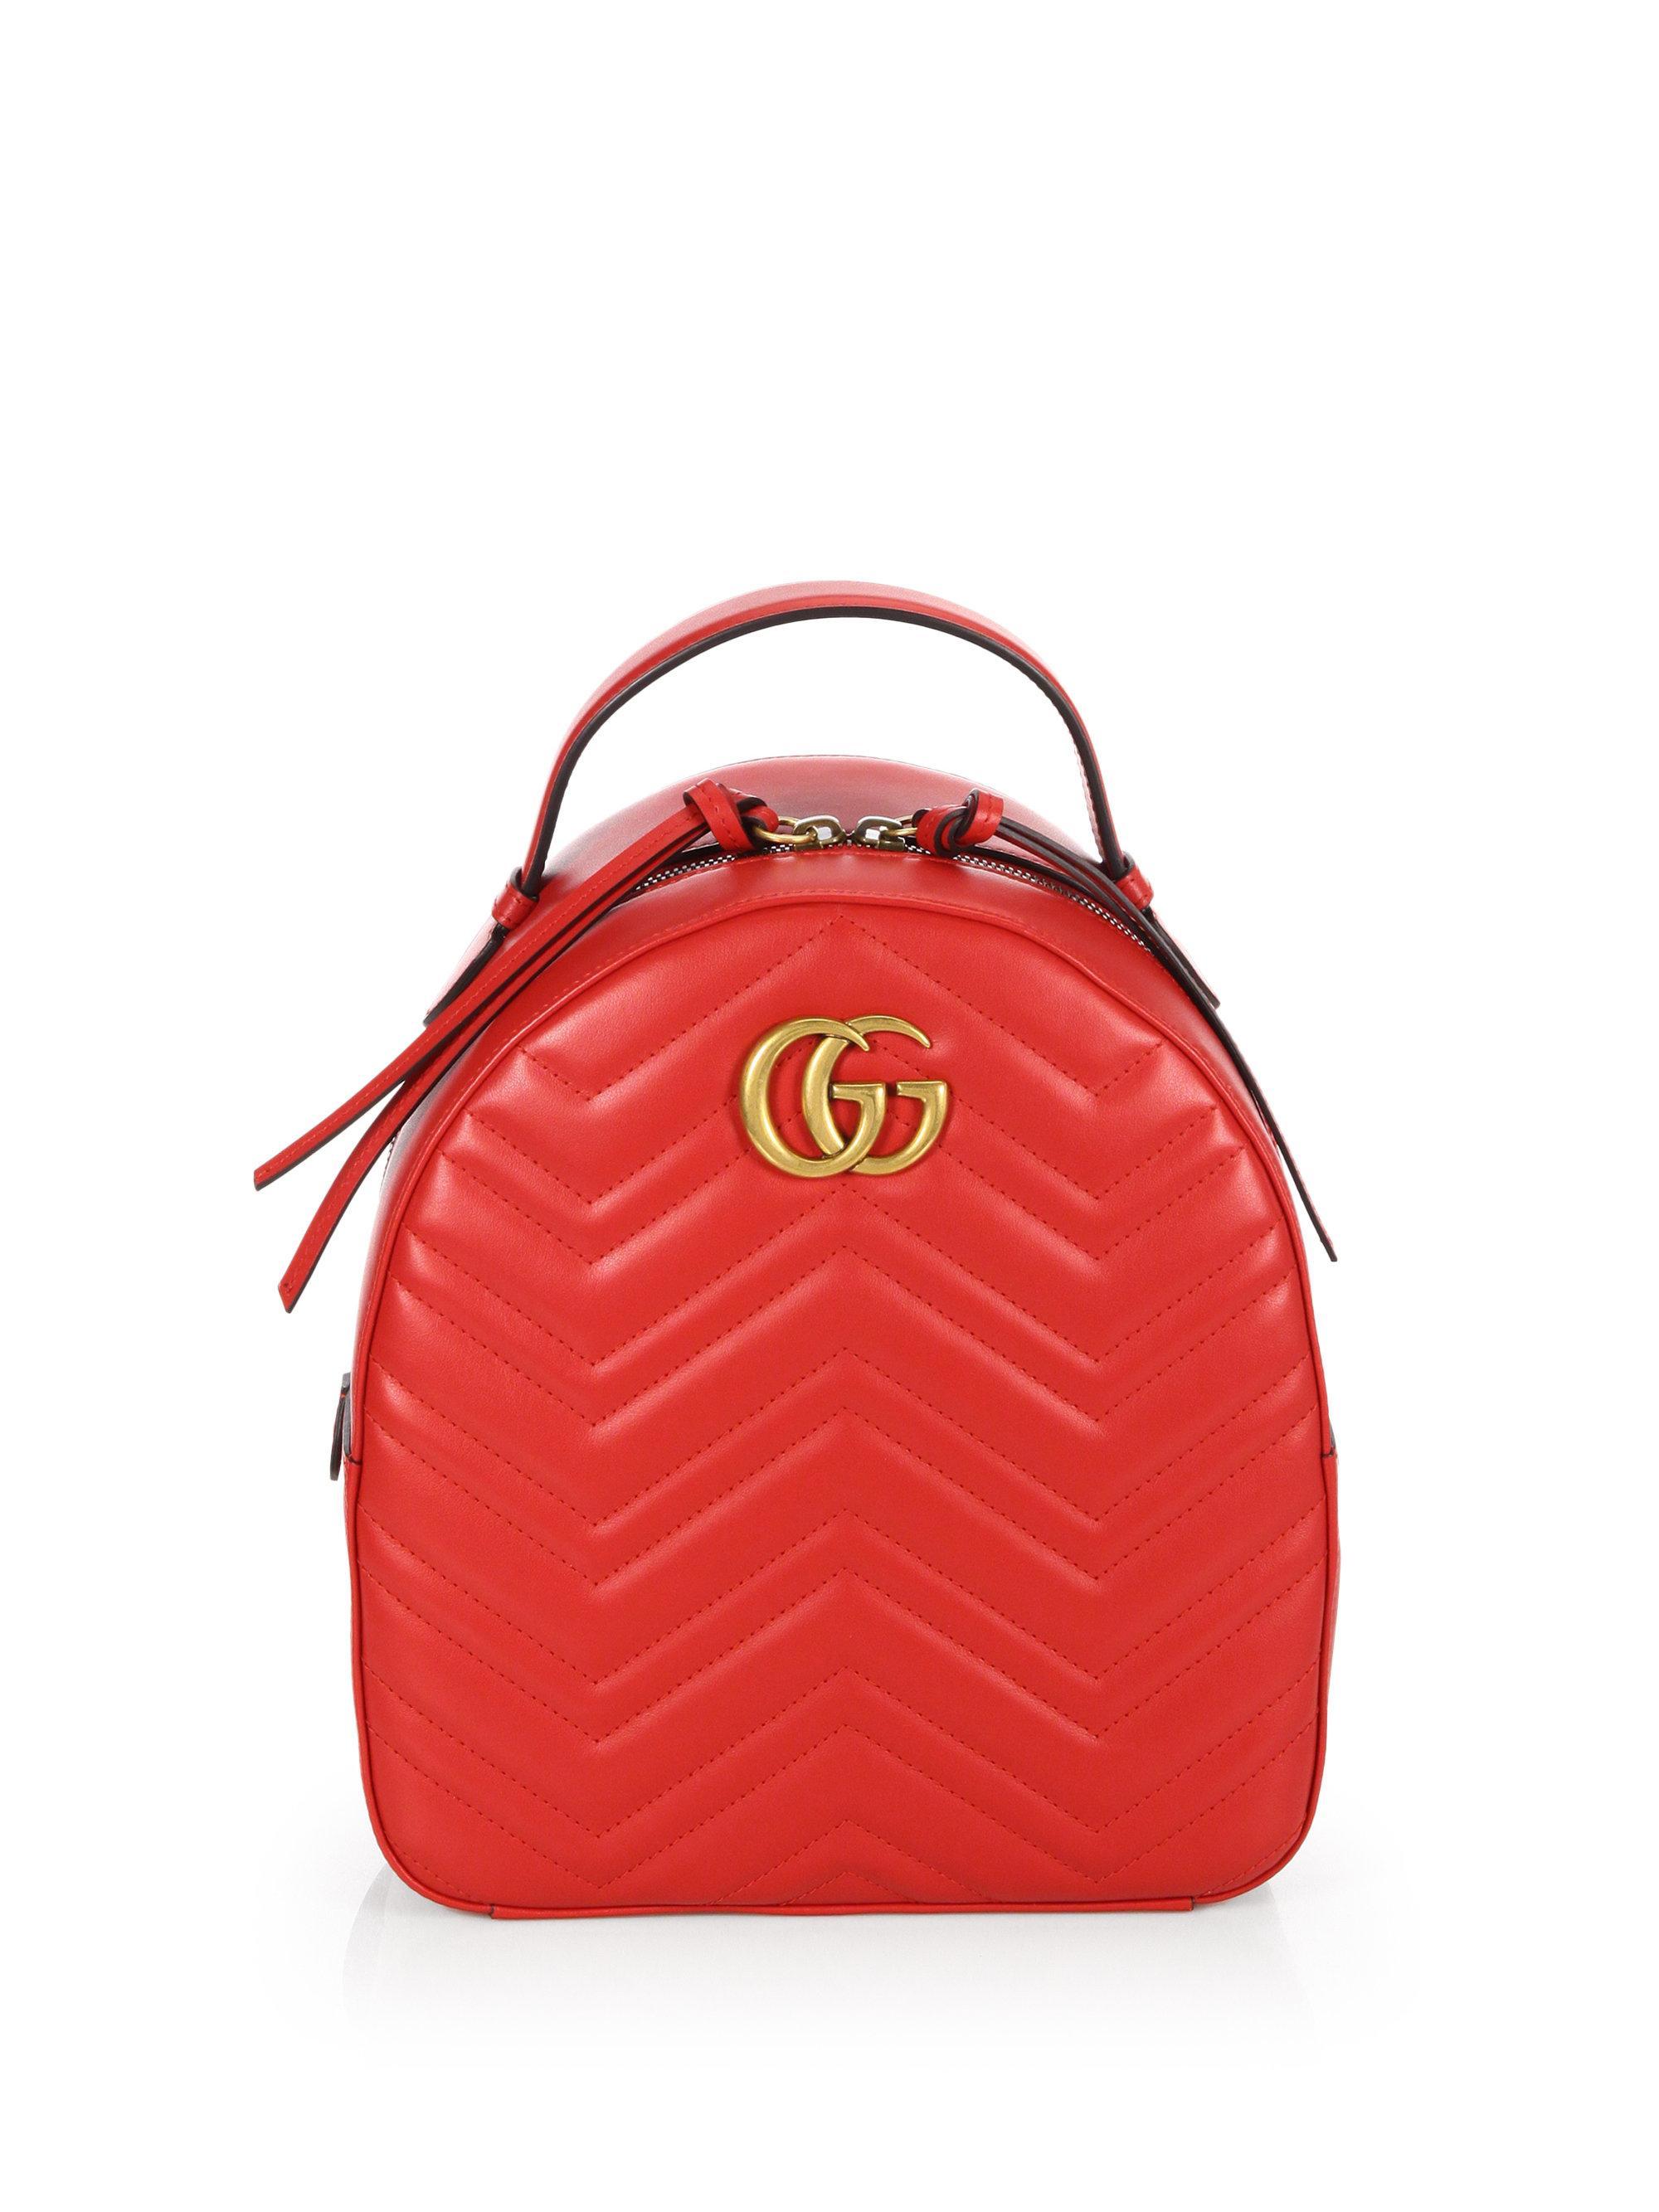 179e679824f9a3 Gucci Mini Bags Canada- Fenix Toulouse Handball